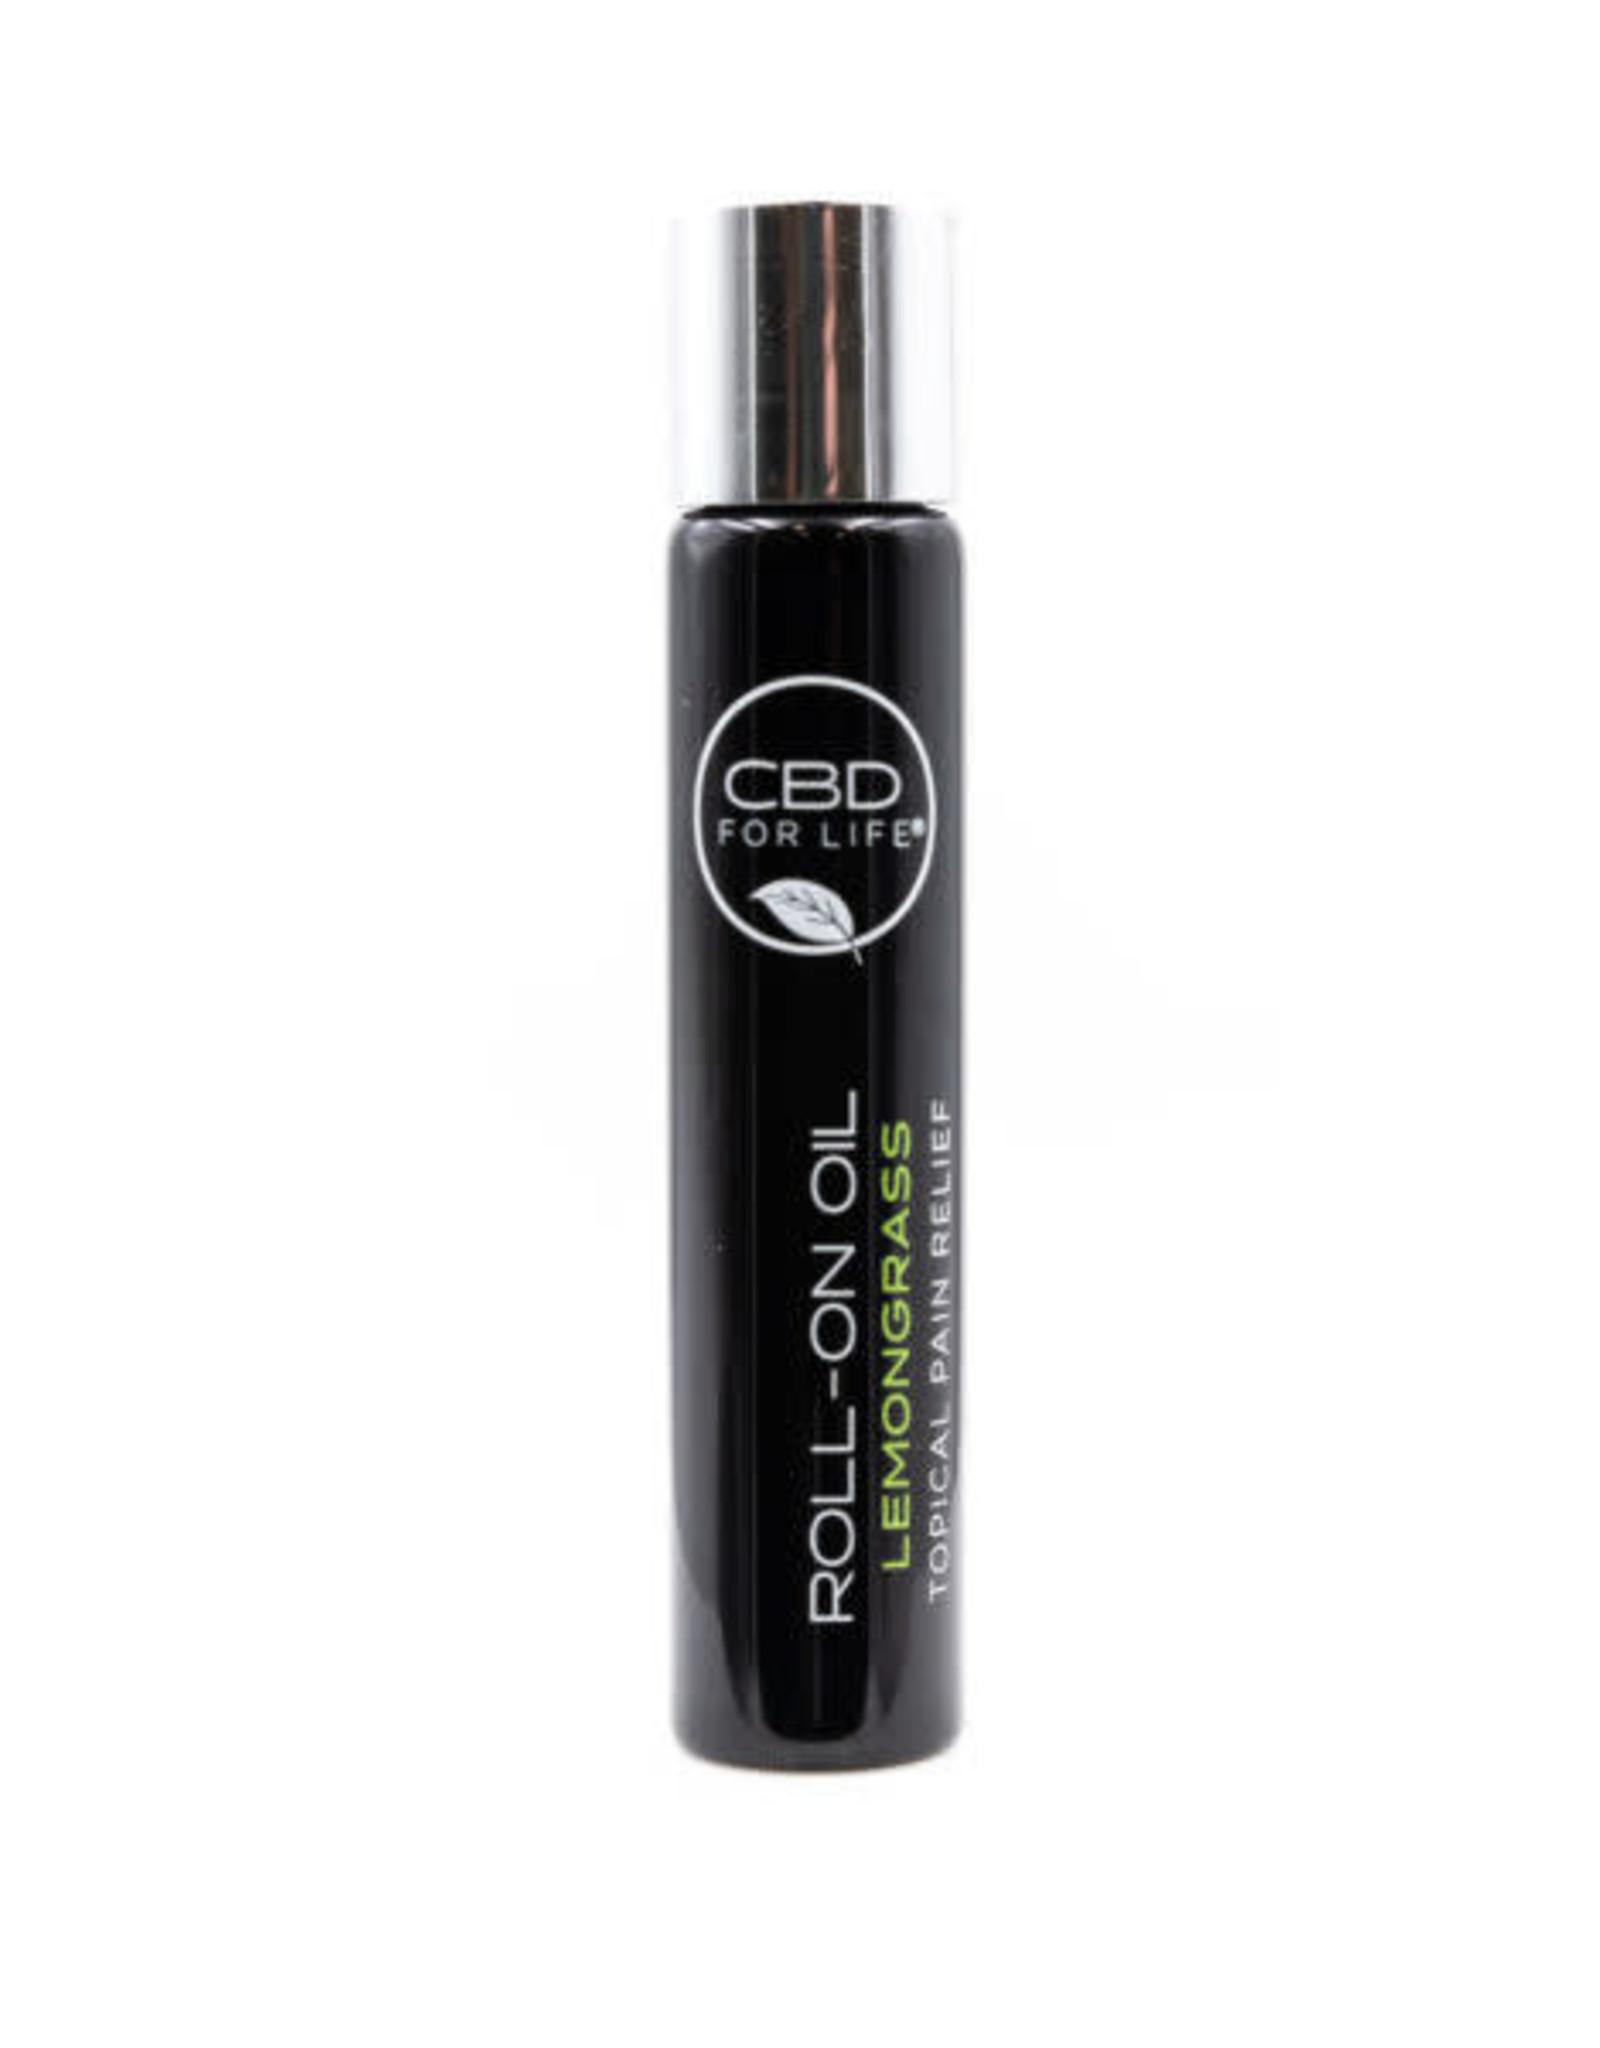 CBD For Life Roll-On CBD Oil Lemongrass Pain Cream